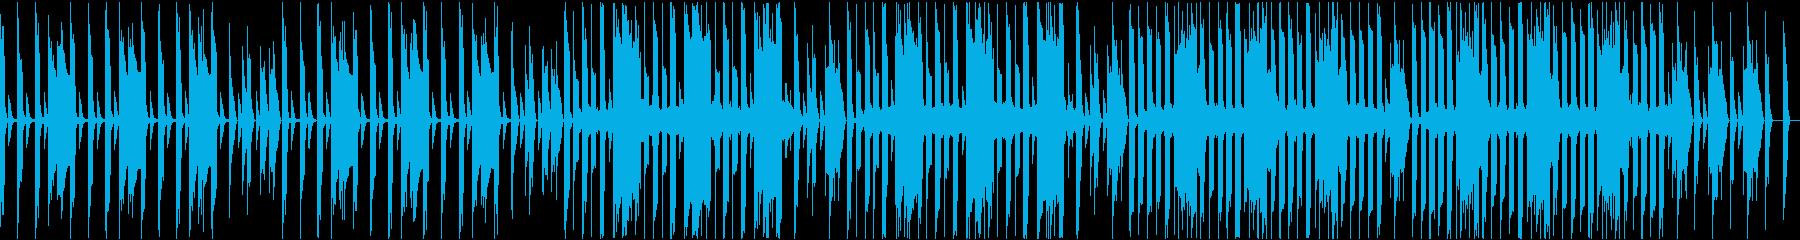 ループ仕様、8bit風、コミカルの再生済みの波形